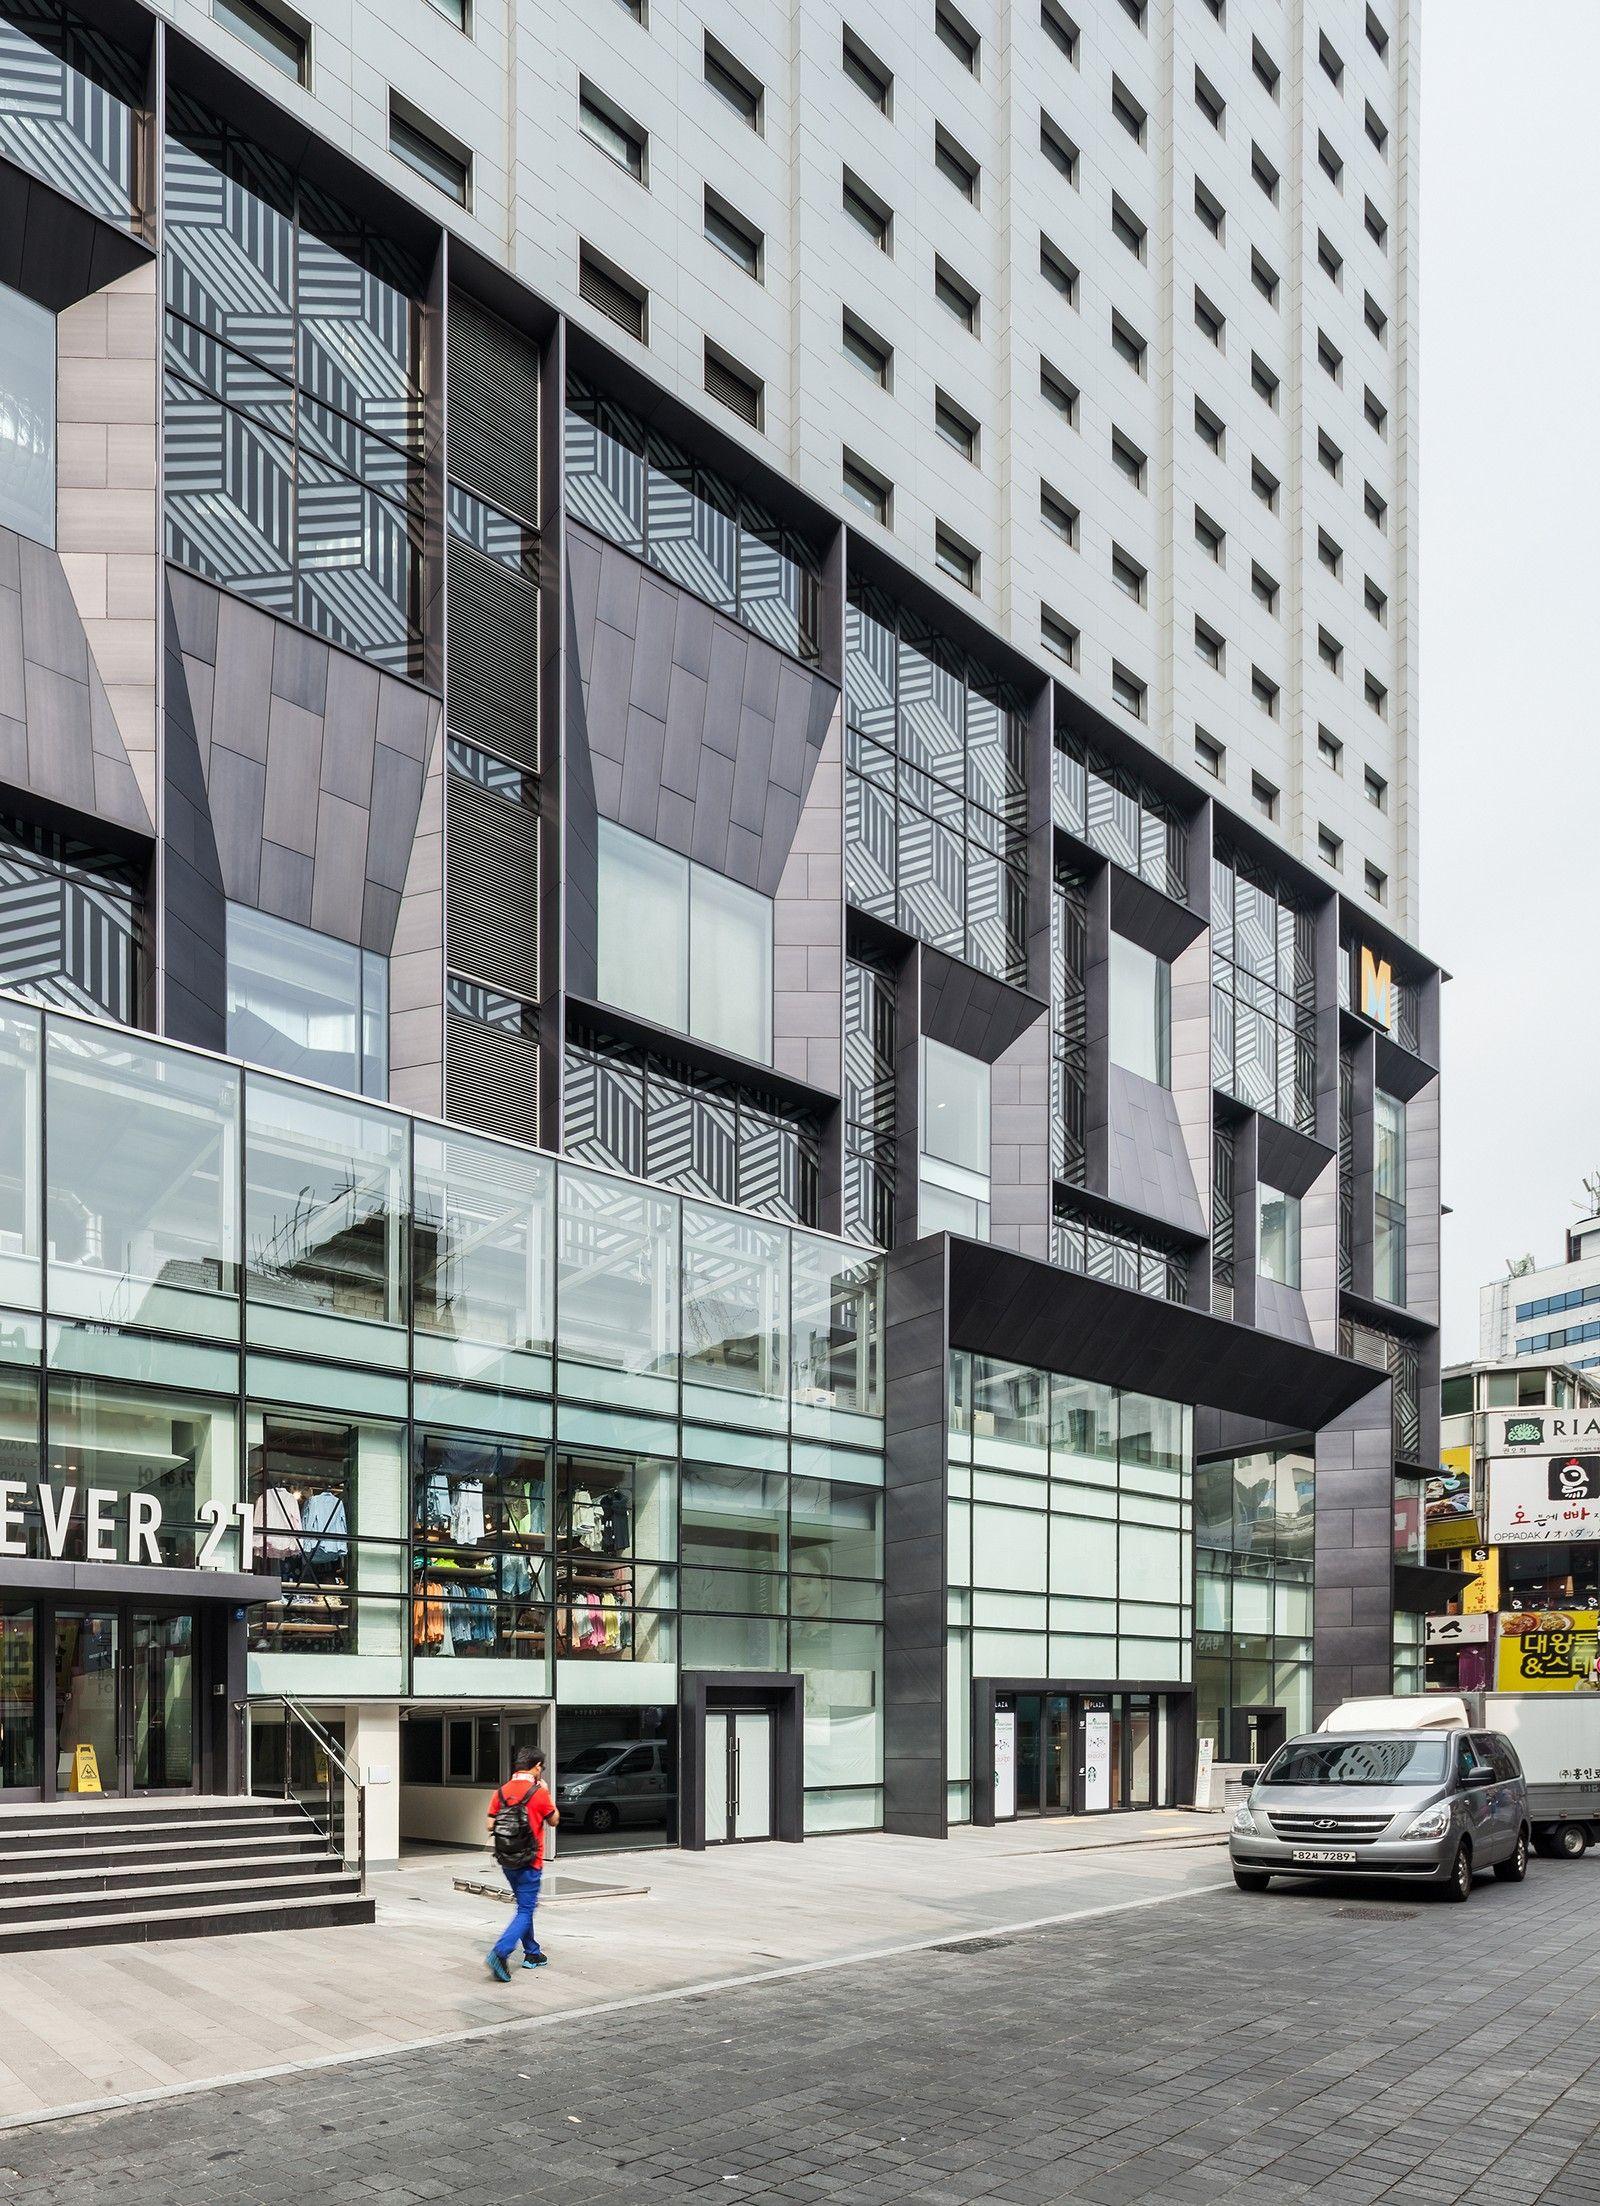 Archello Architecture Retail Facade